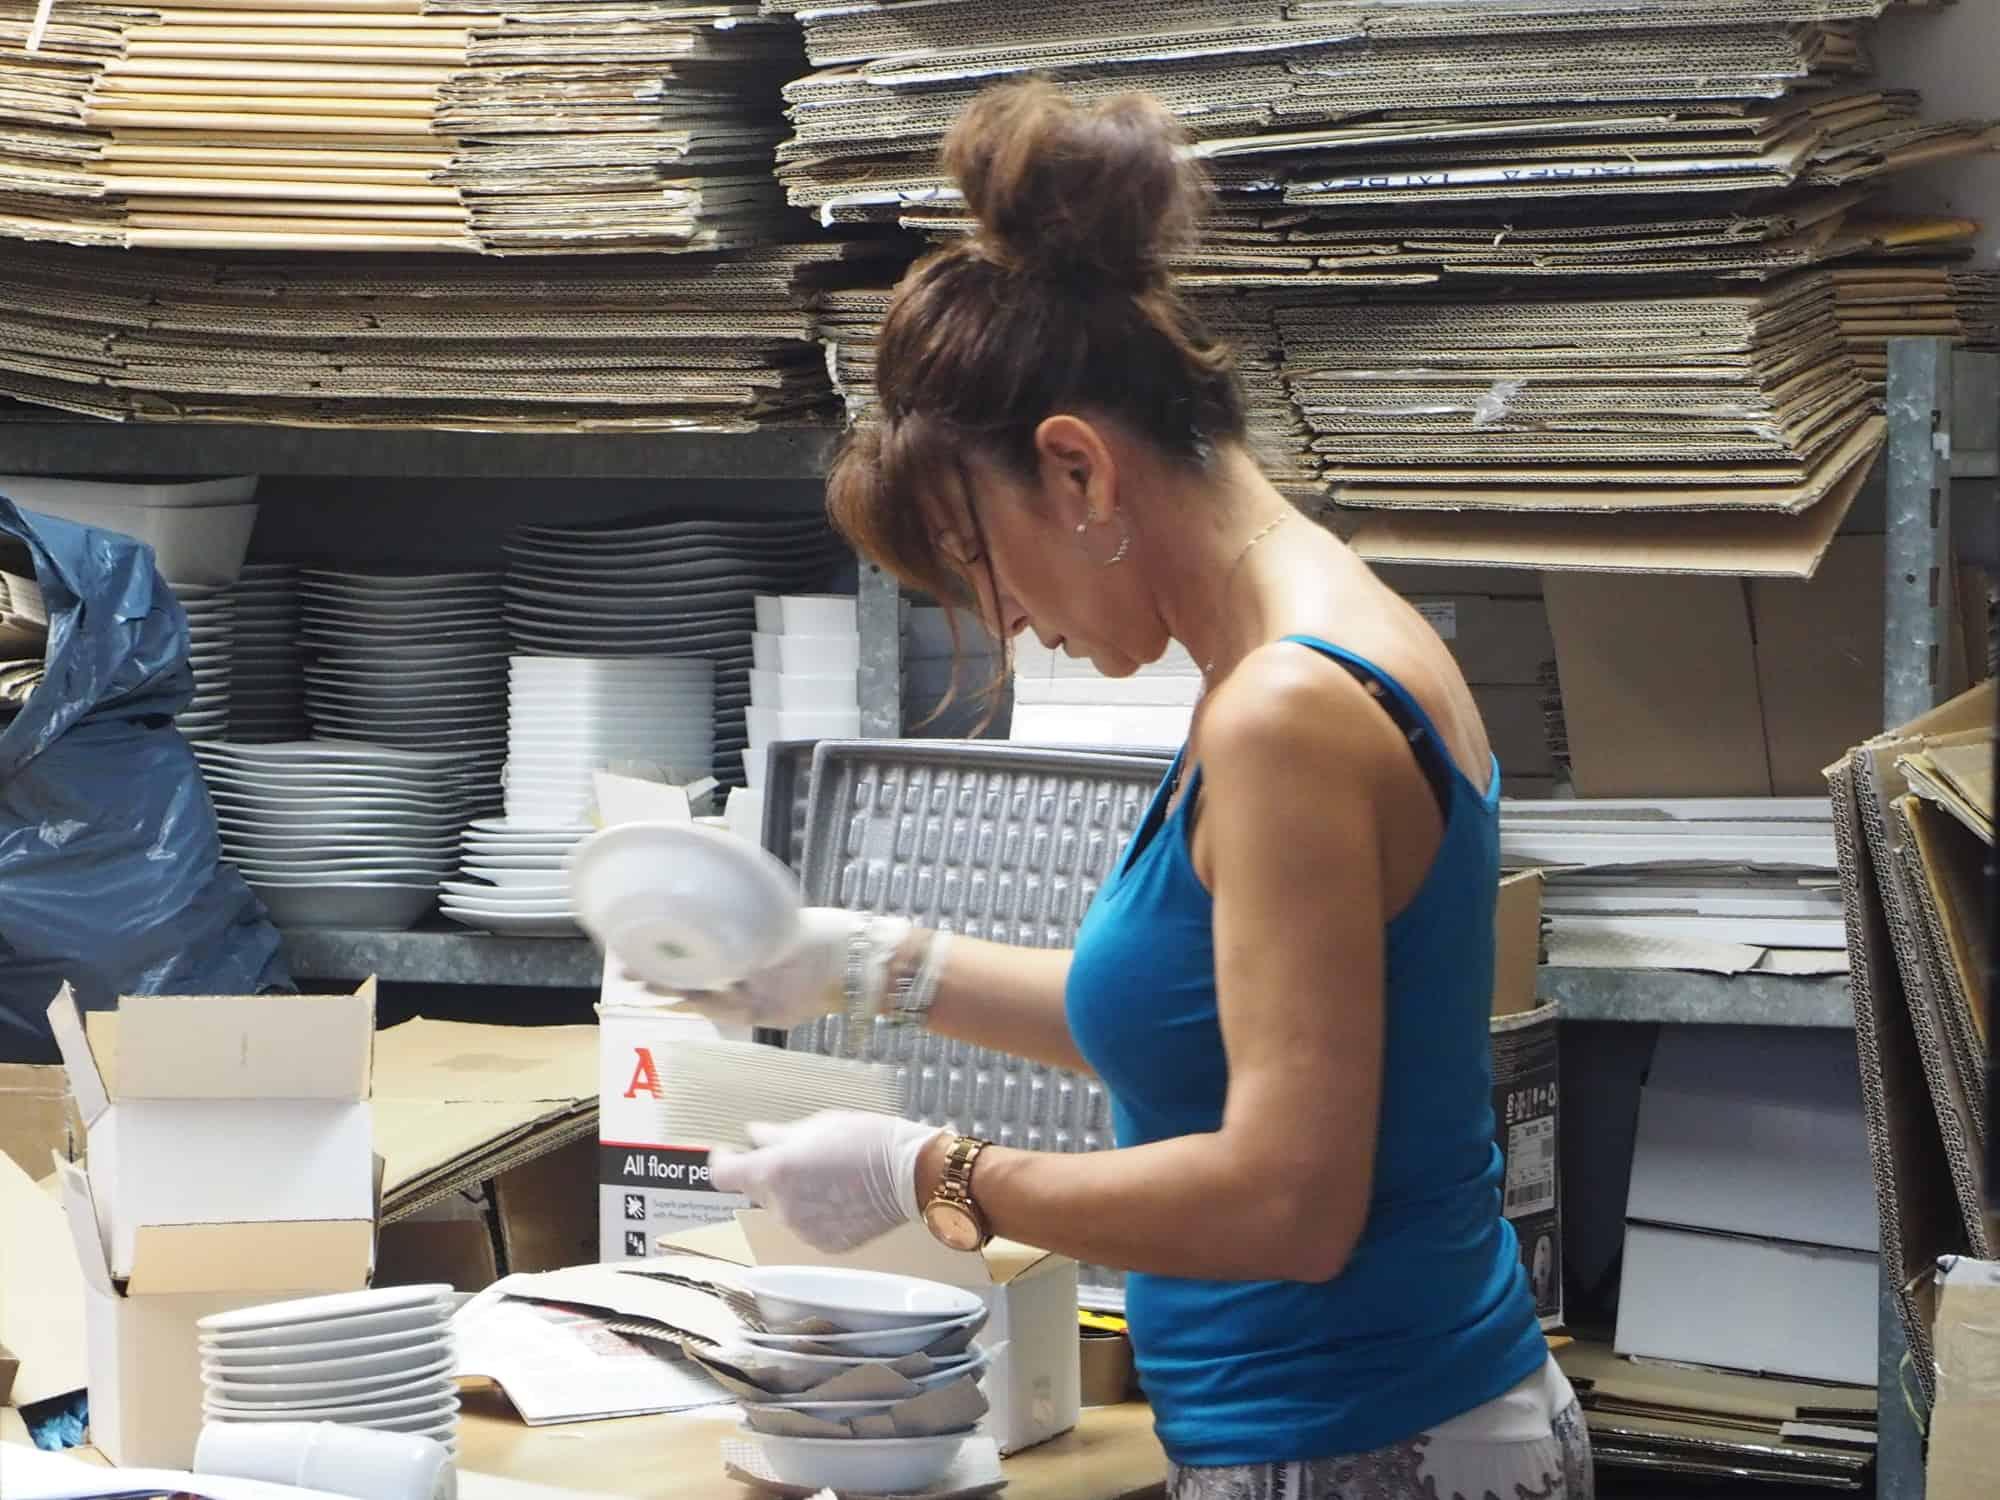 Werkstatt Porzellan im Hinterhof: Sofia packt